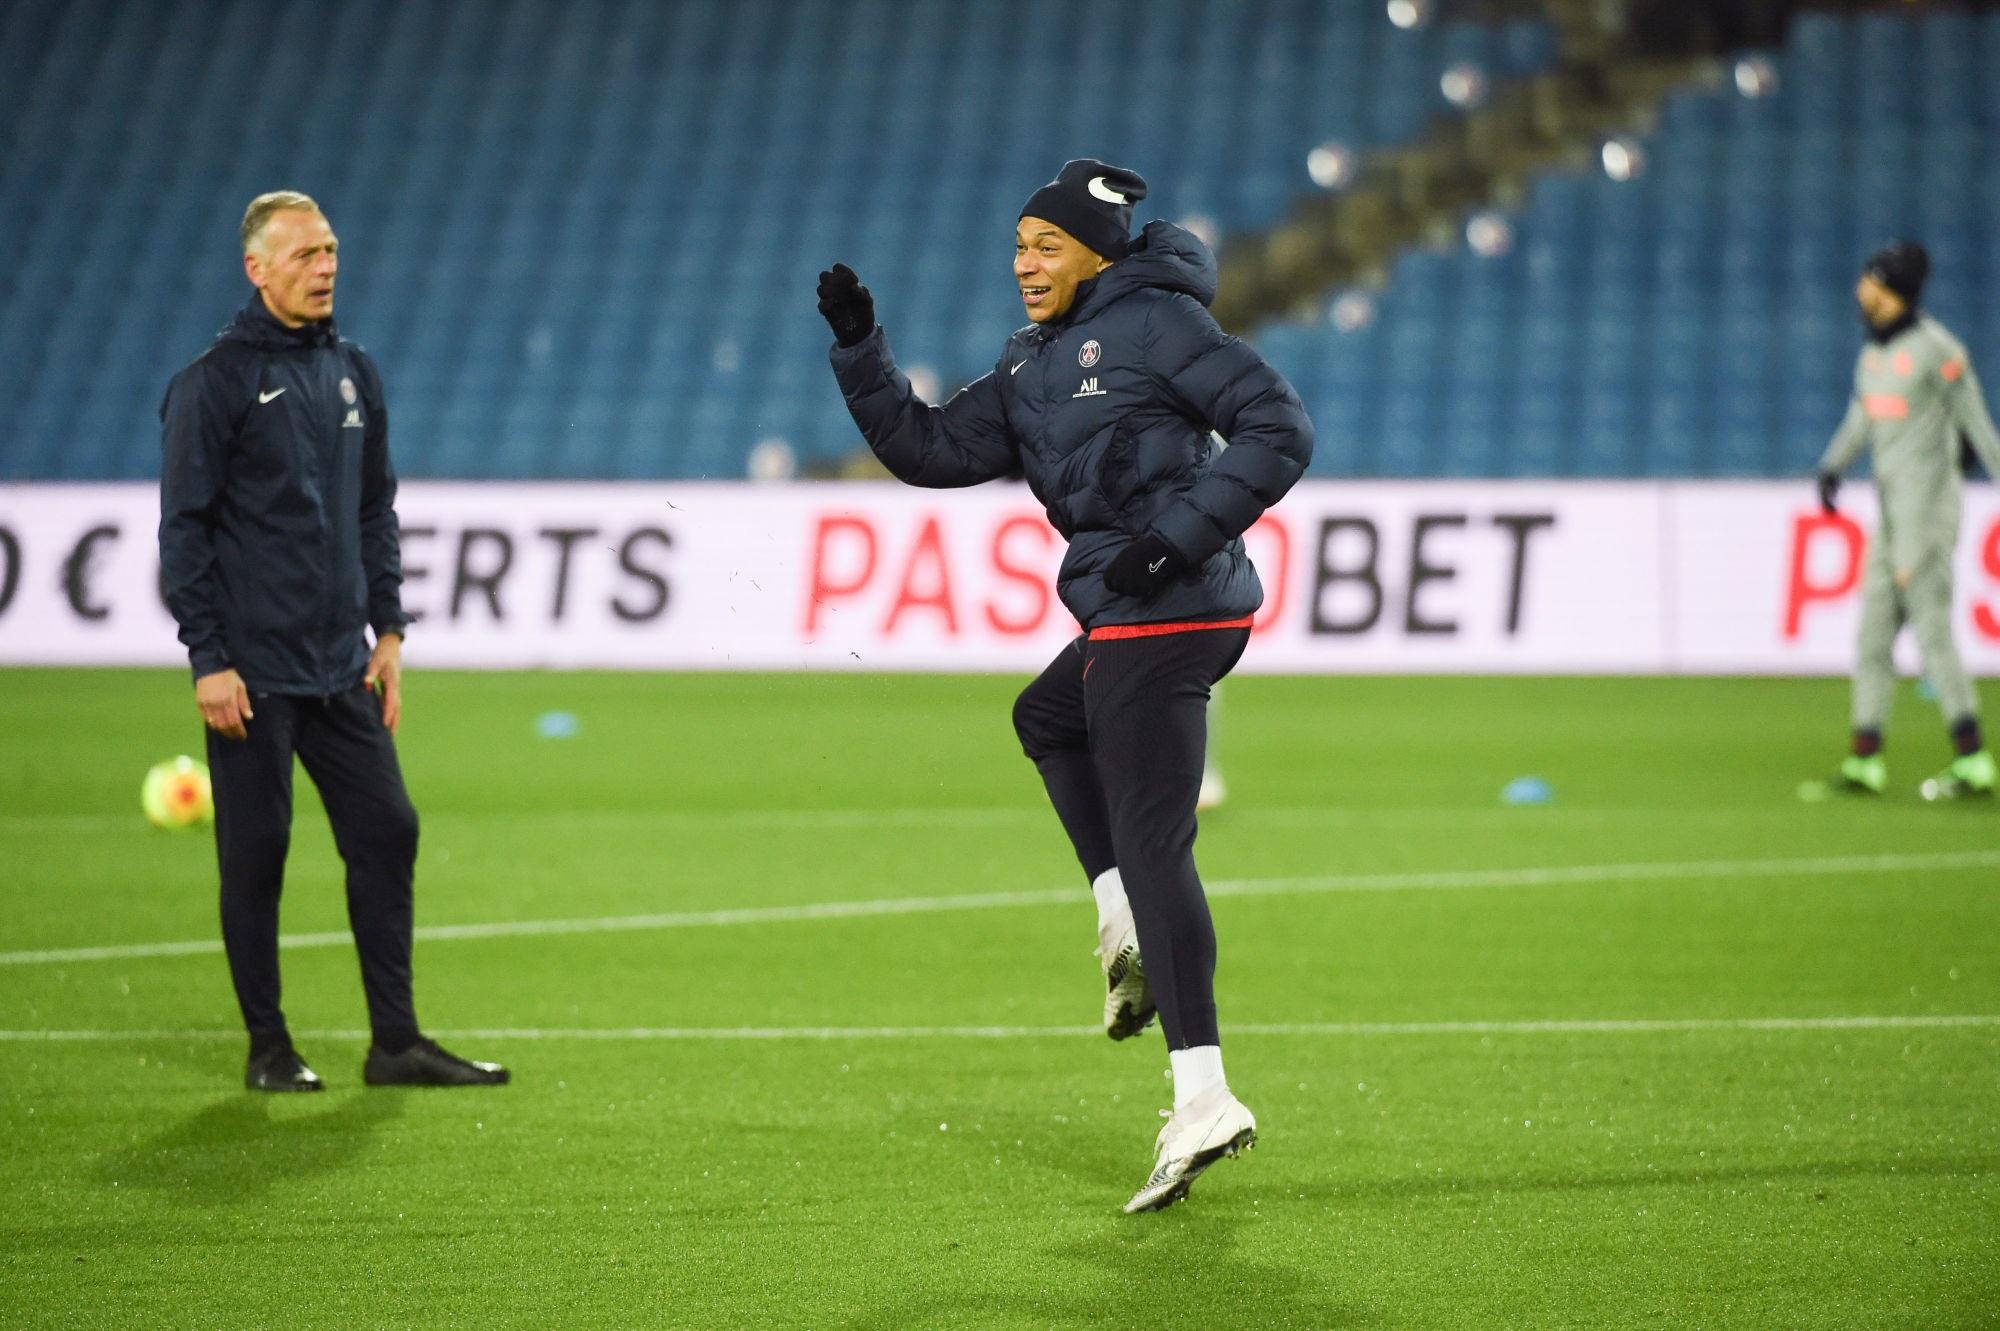 Mbappé évoque son état de forme et remercie le PSG